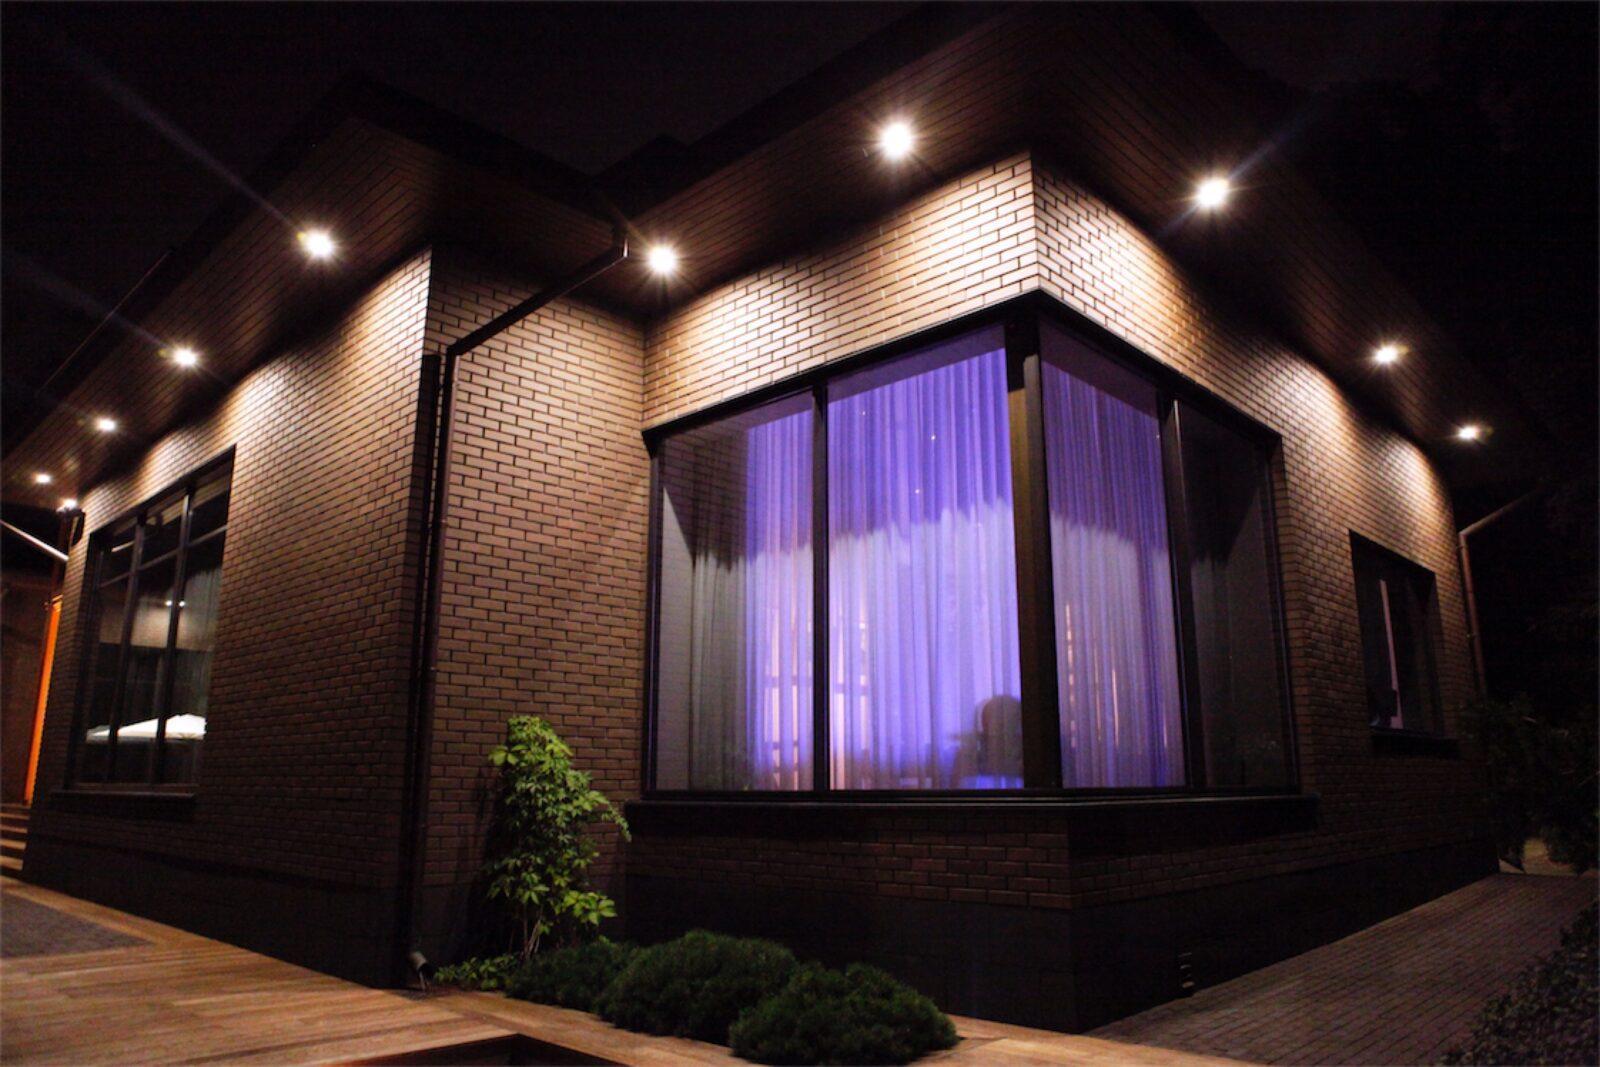 Архитектурная подсветка зданий и фасадов — нормы и разновидности